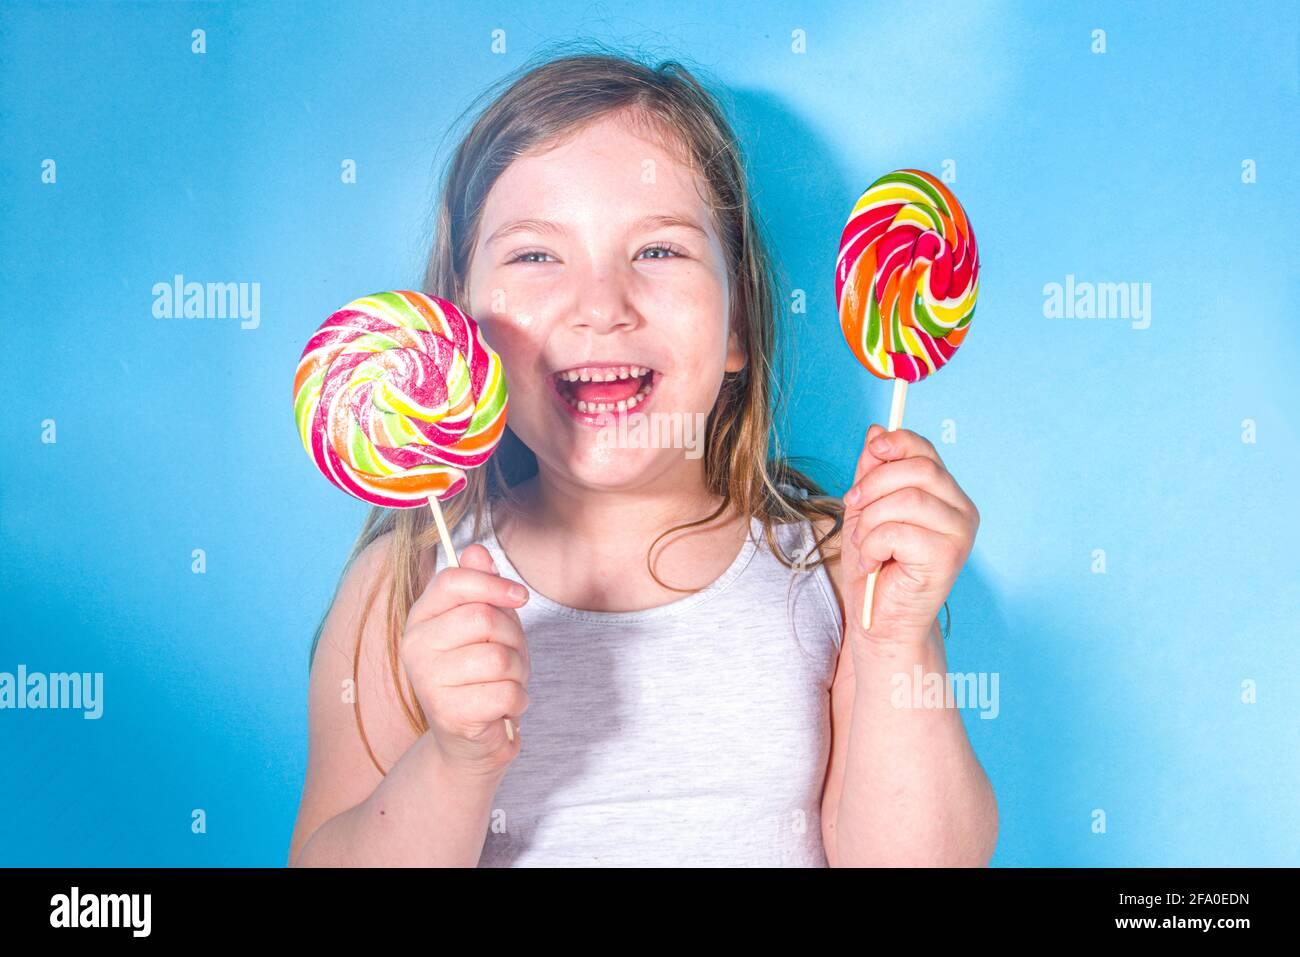 Pequeña chica divertida feliz con grandes y coloridos lollypops, vacaciones, felicidad, concepto de vacaciones de verano, Foto de stock